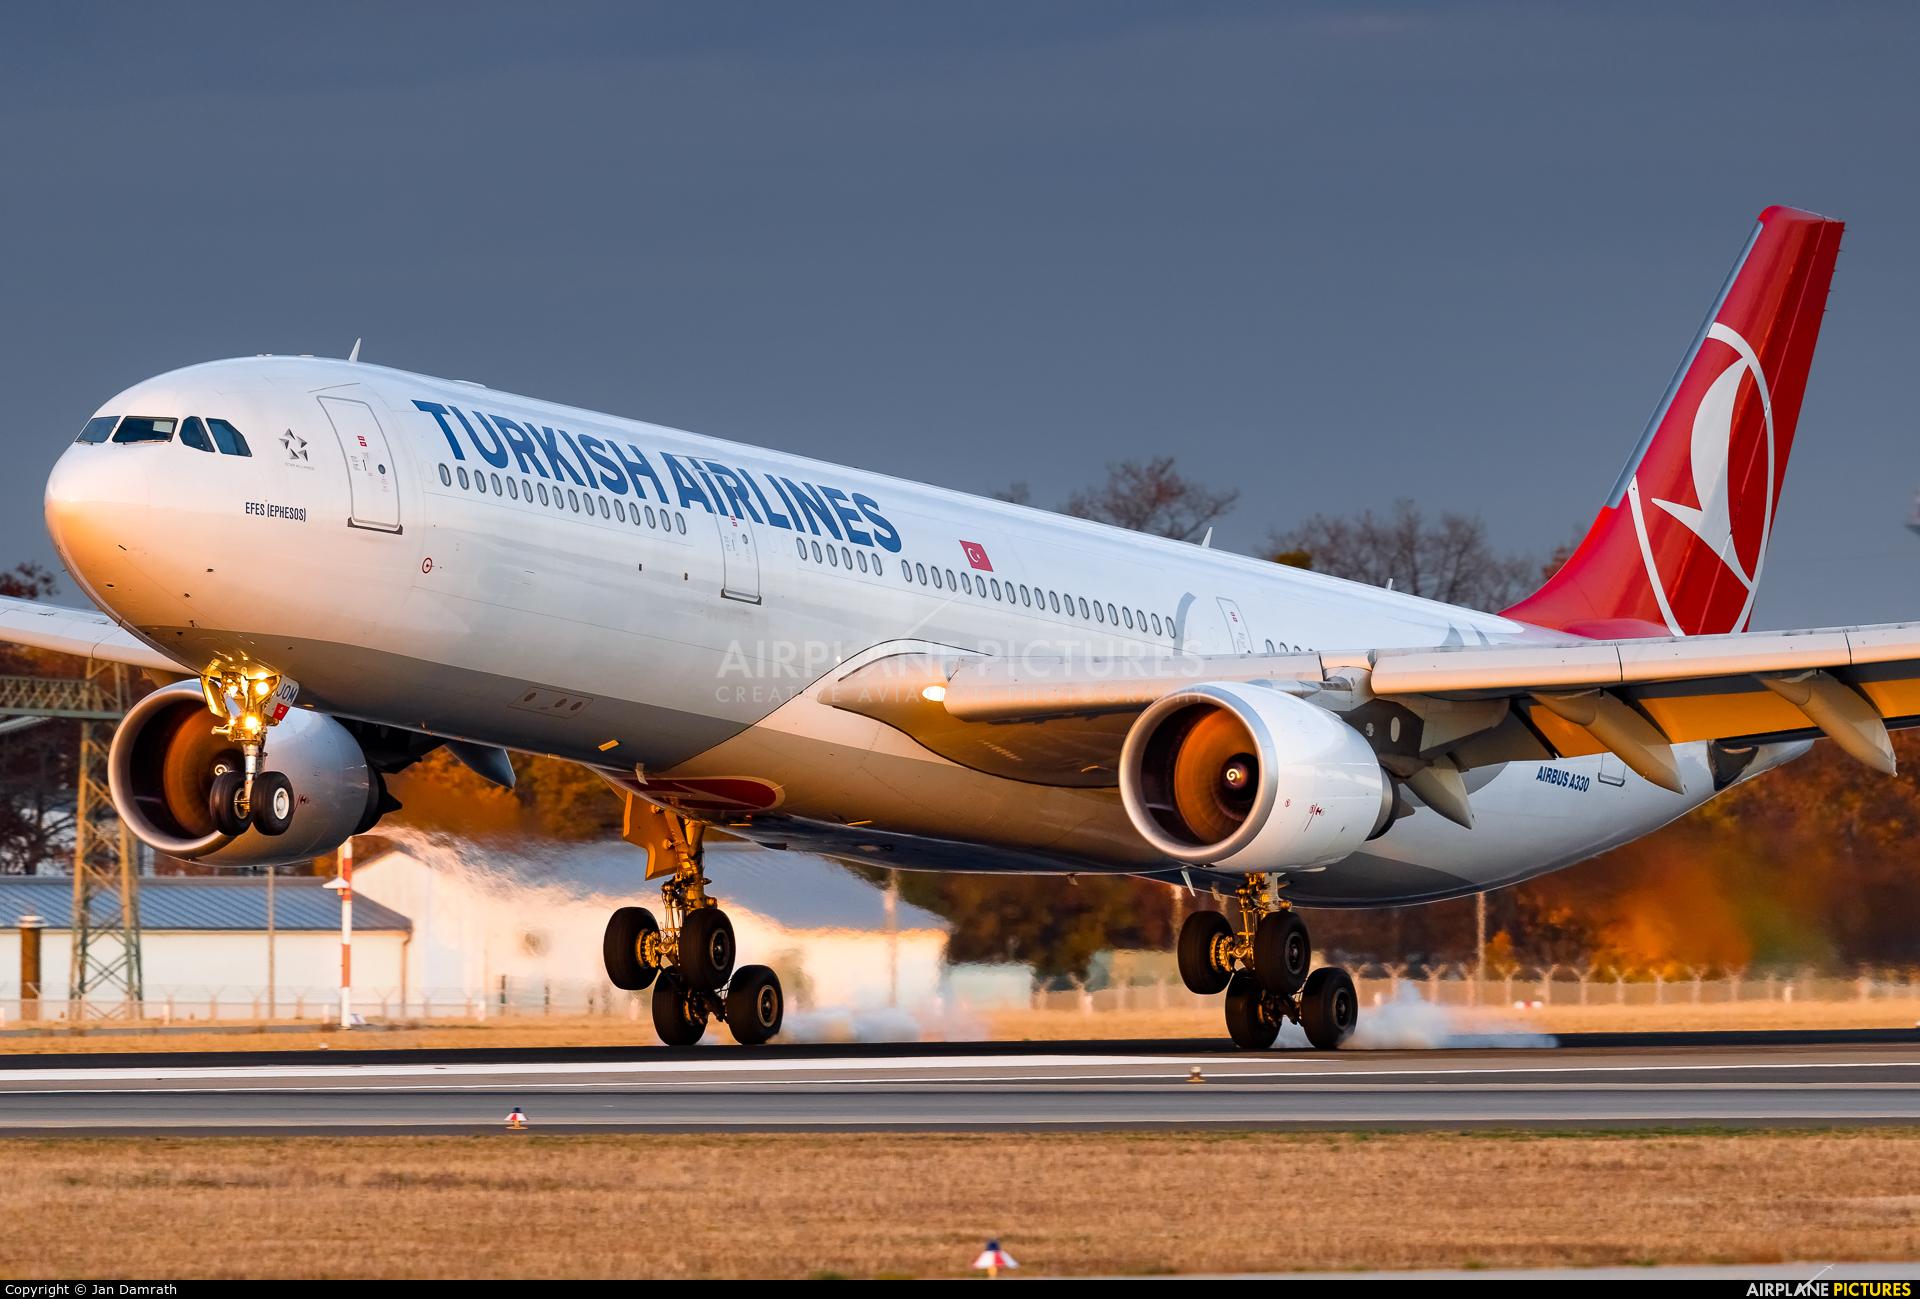 Turkish Airlines TC-JOM aircraft at Frankfurt